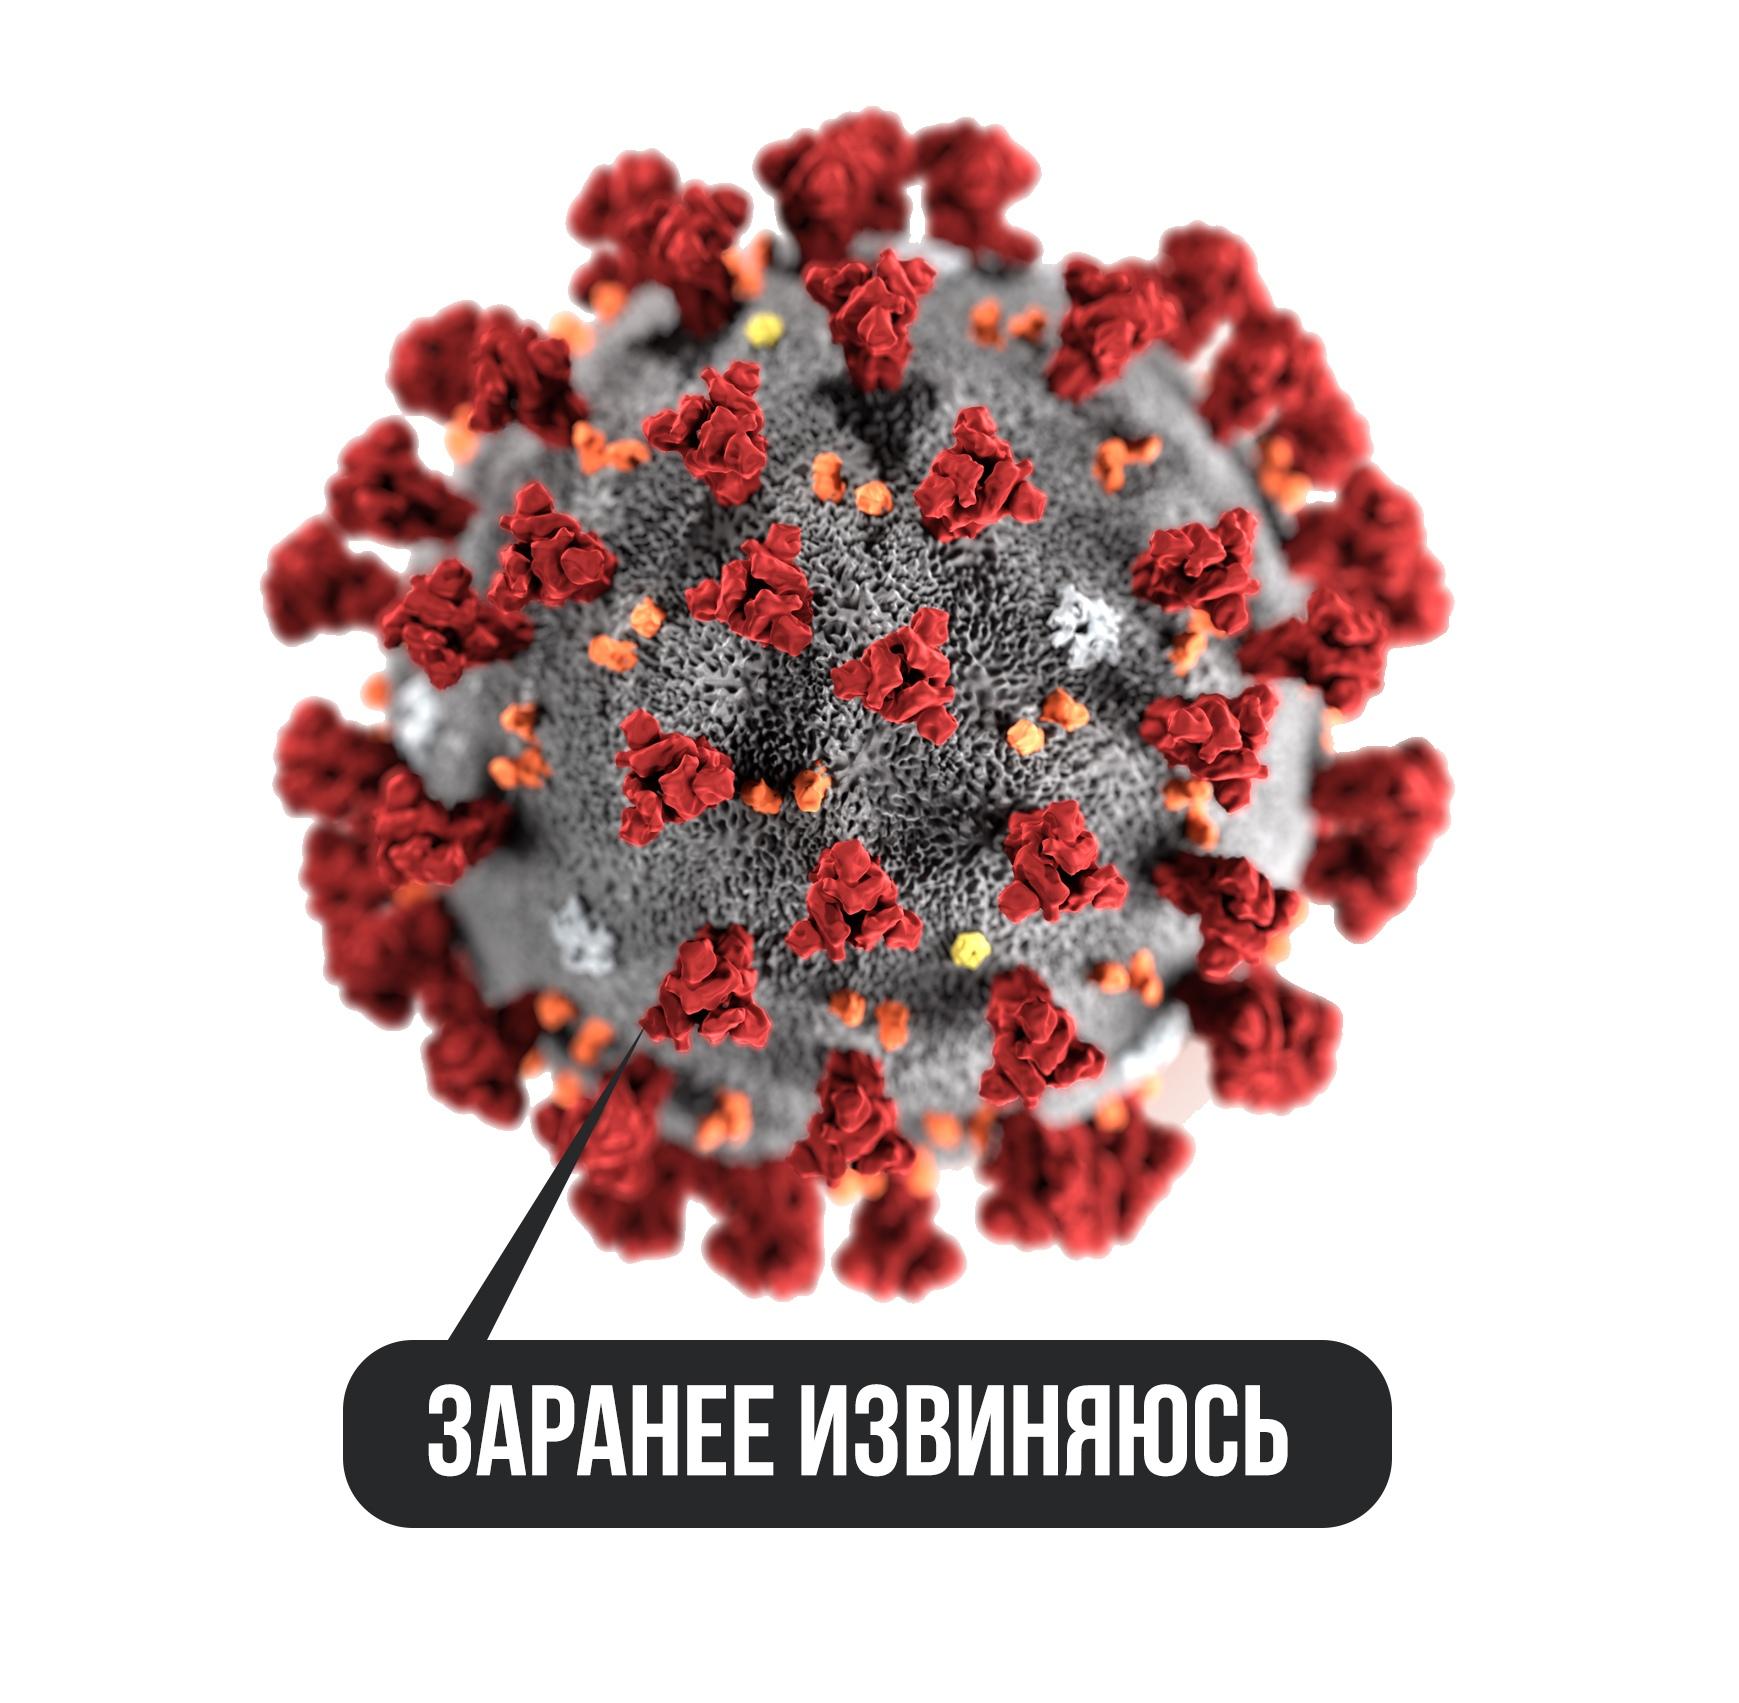 В Республике Крым за сутки зафиксировано рекордное количество заразившихся новой коронавирусной инфекции.